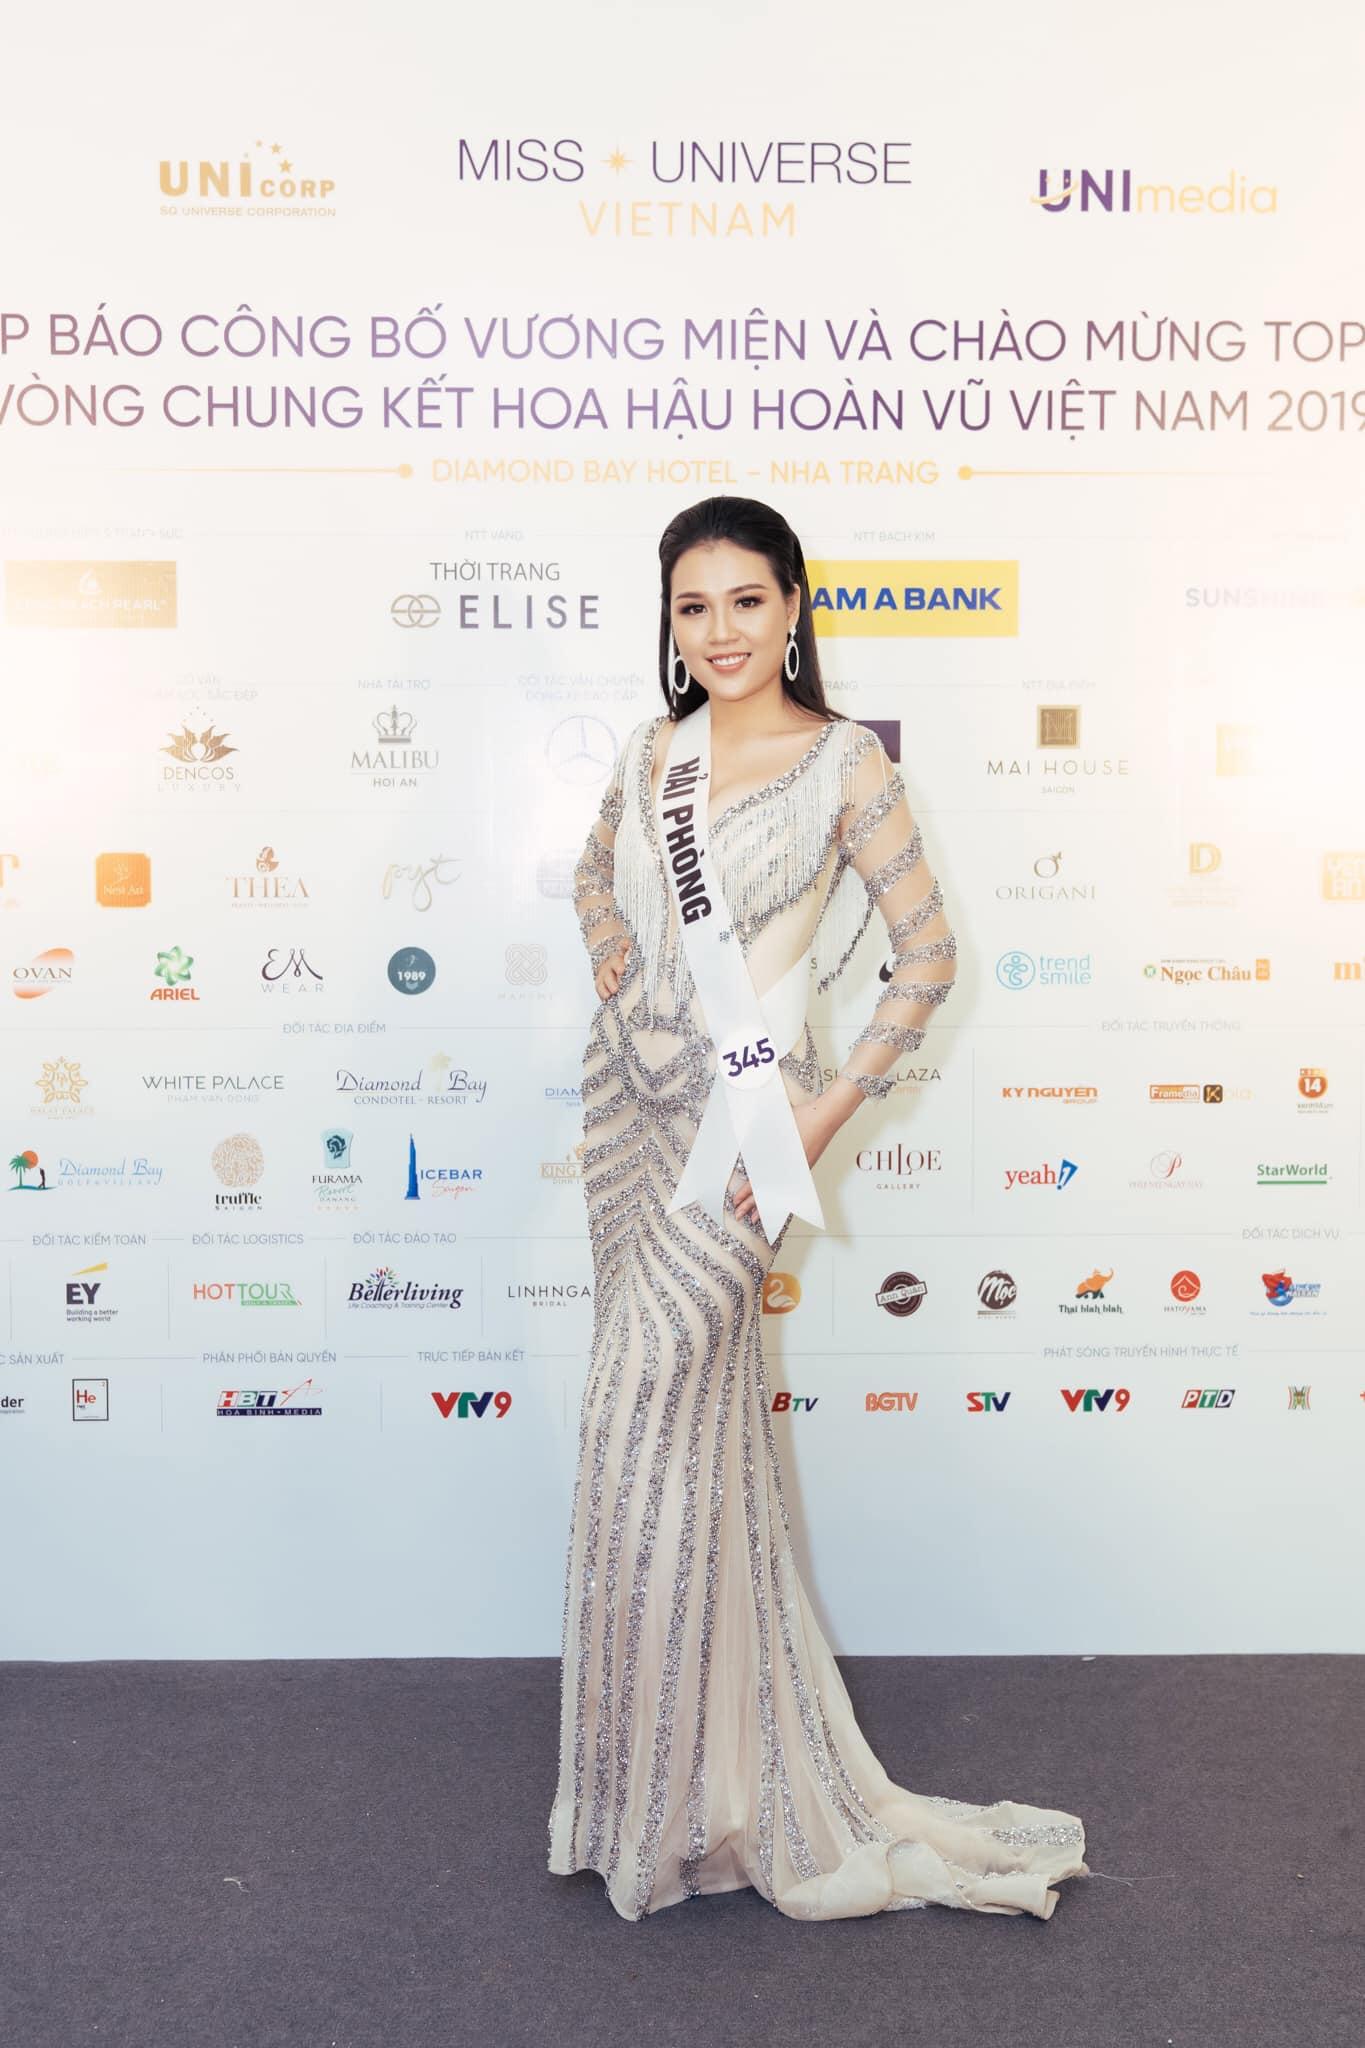 Chu Thị Minh Trang - SBD 345 đến từ Hải Phòng